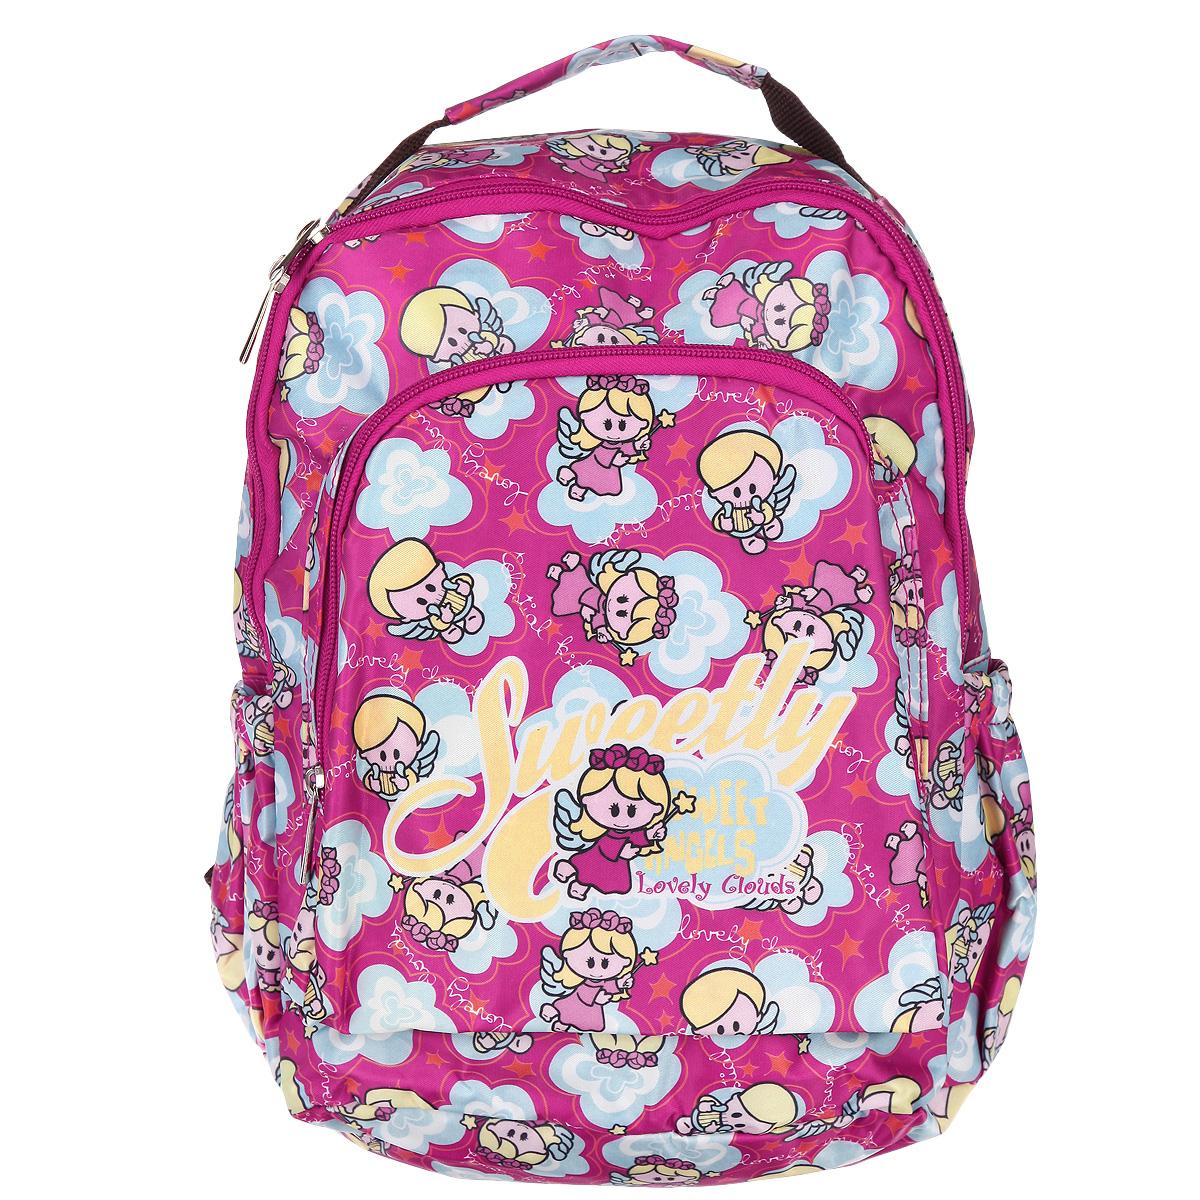 Рюкзак детский Hatber Angels, цвет: розовый, желтый, голубой. NRk_00322NRk_00322Рюкзак детский Hatber Angels очень легкий и прочный, изготовлен из нейлона. Рюкзак имеет одно основное отделение с секретным карманом на молнии, три внешних кармана, один на лицевой стороне и два боковых. На тыльной стороне рюкзака имеется небольшой карман на молнии, обеспечивающий быстрый доступ к необходимым вещам.Рюкзак оснащен широкими плечевыми ремнями, которые регулируются по длине, и нейлоновой ручкой для переноски в руке.